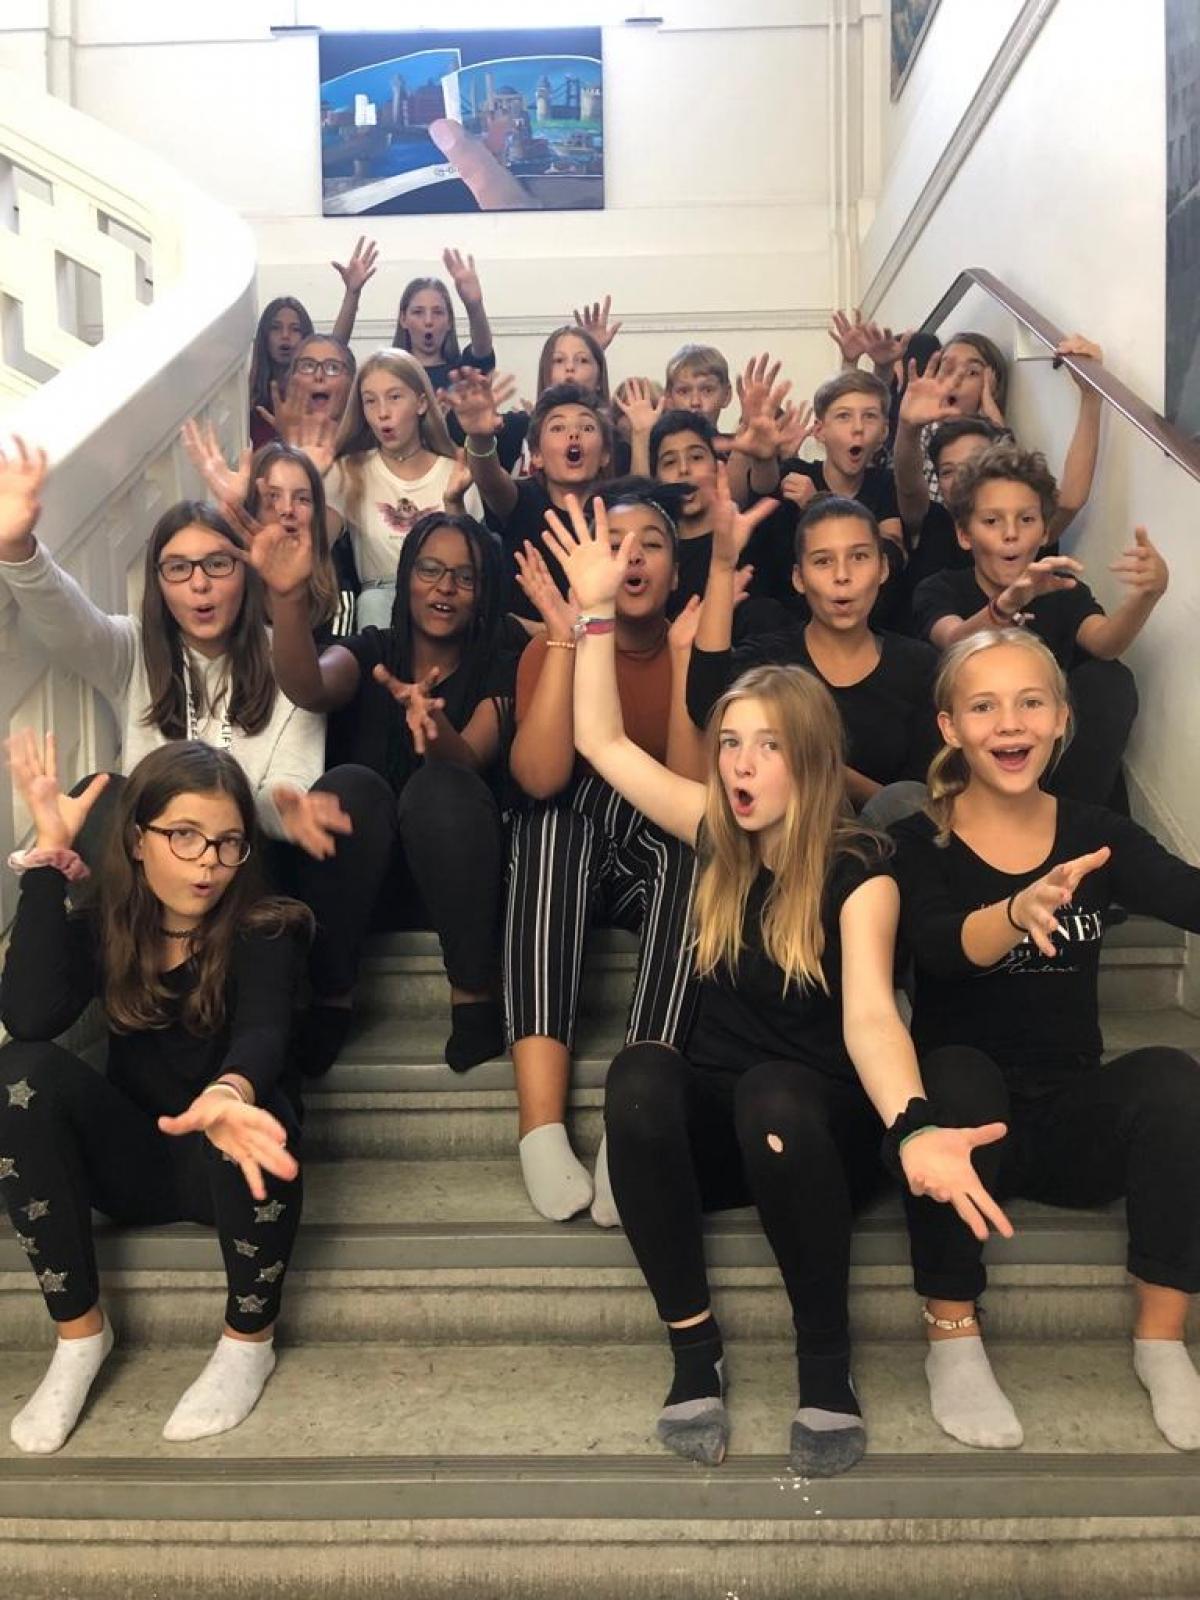 So fühlen sich die SchülerInnen aus Düsseldorf (NRW) auf der Bühne.